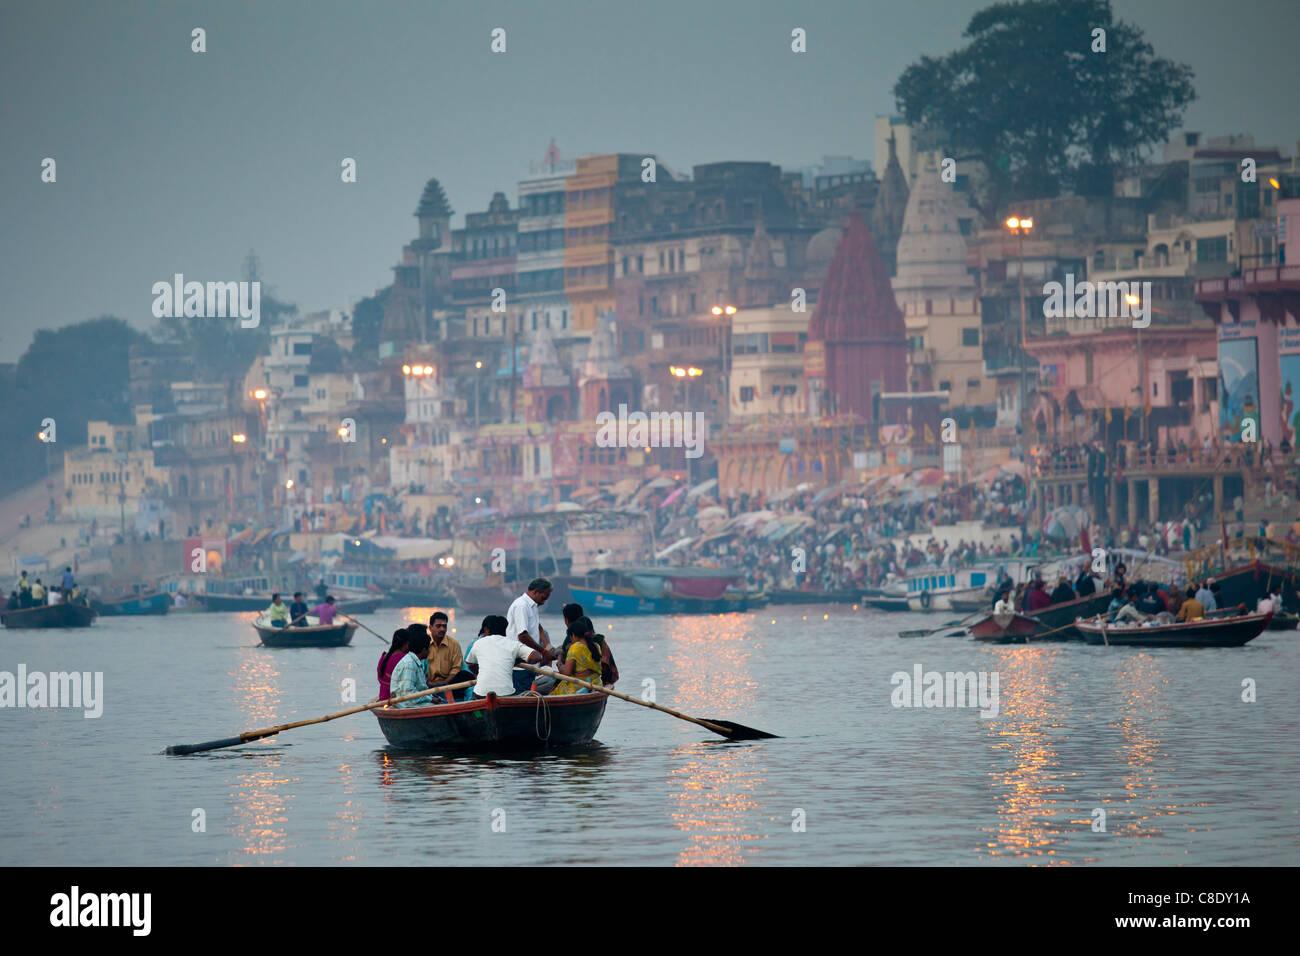 Des scènes traditionnelles de touristes sur le Gange à Varanasi, Benares, Inde du Nord Photo Stock